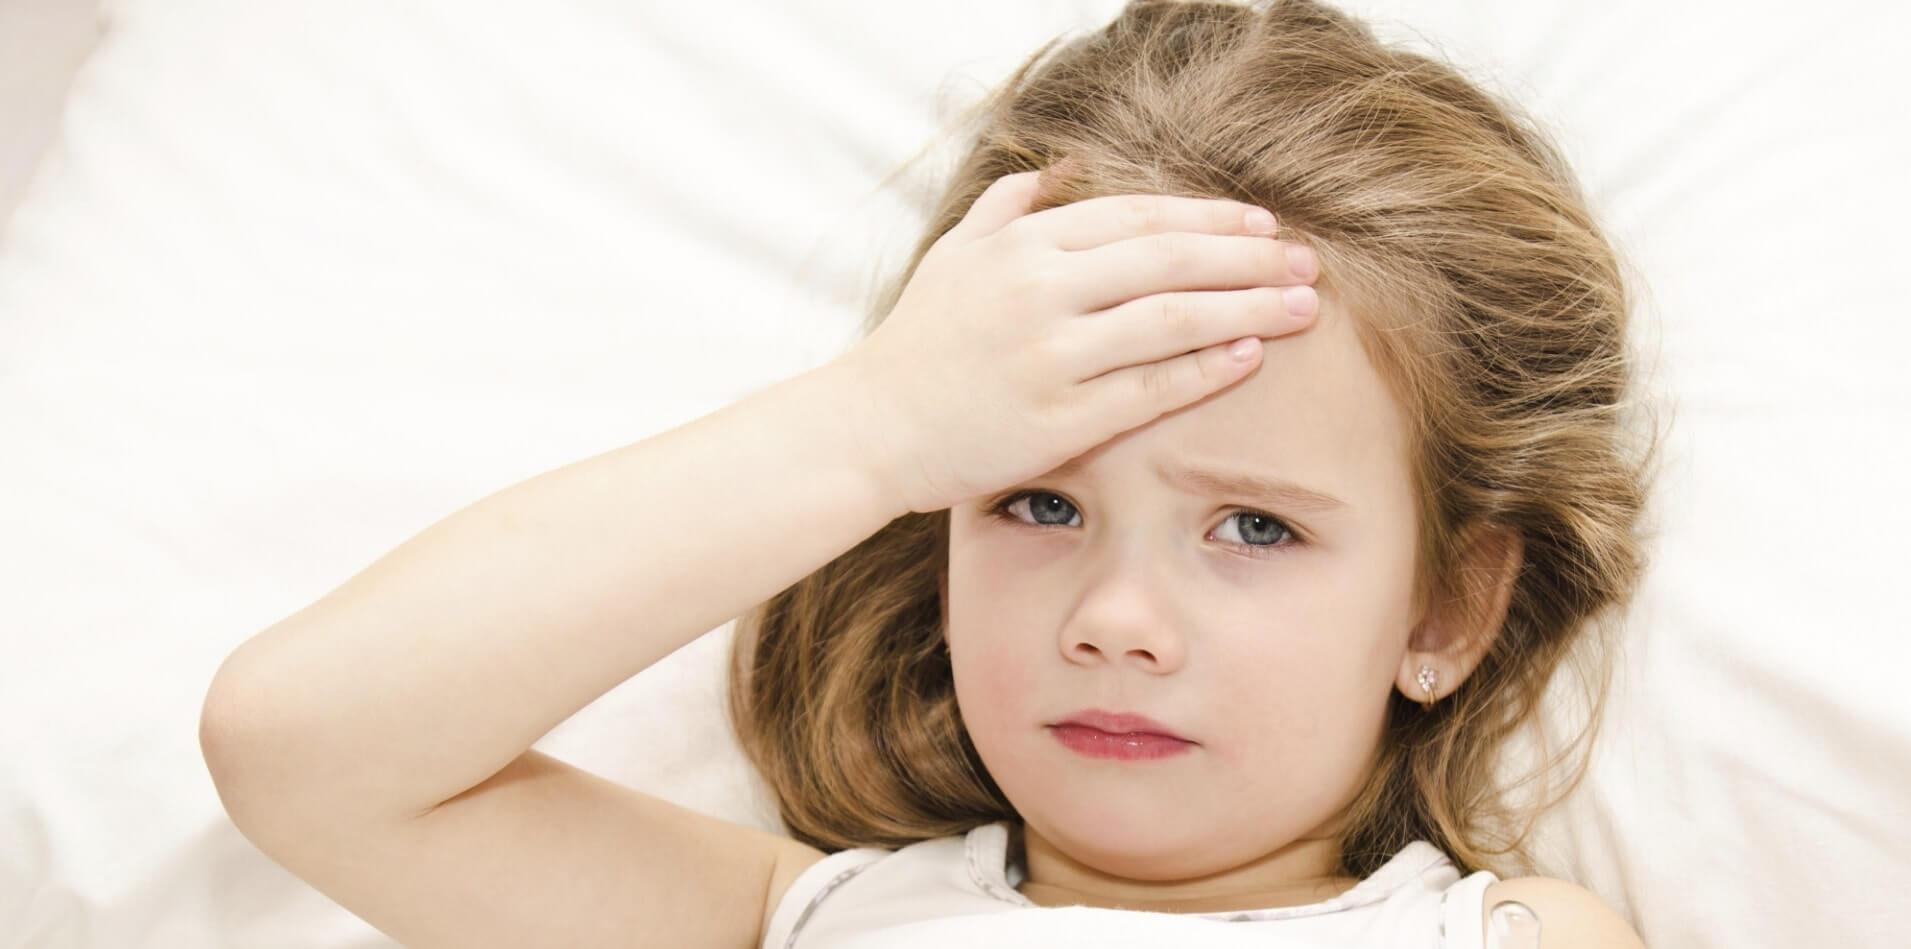 Çocuklarda ve yetişkinlerde kabakulak belirtileri